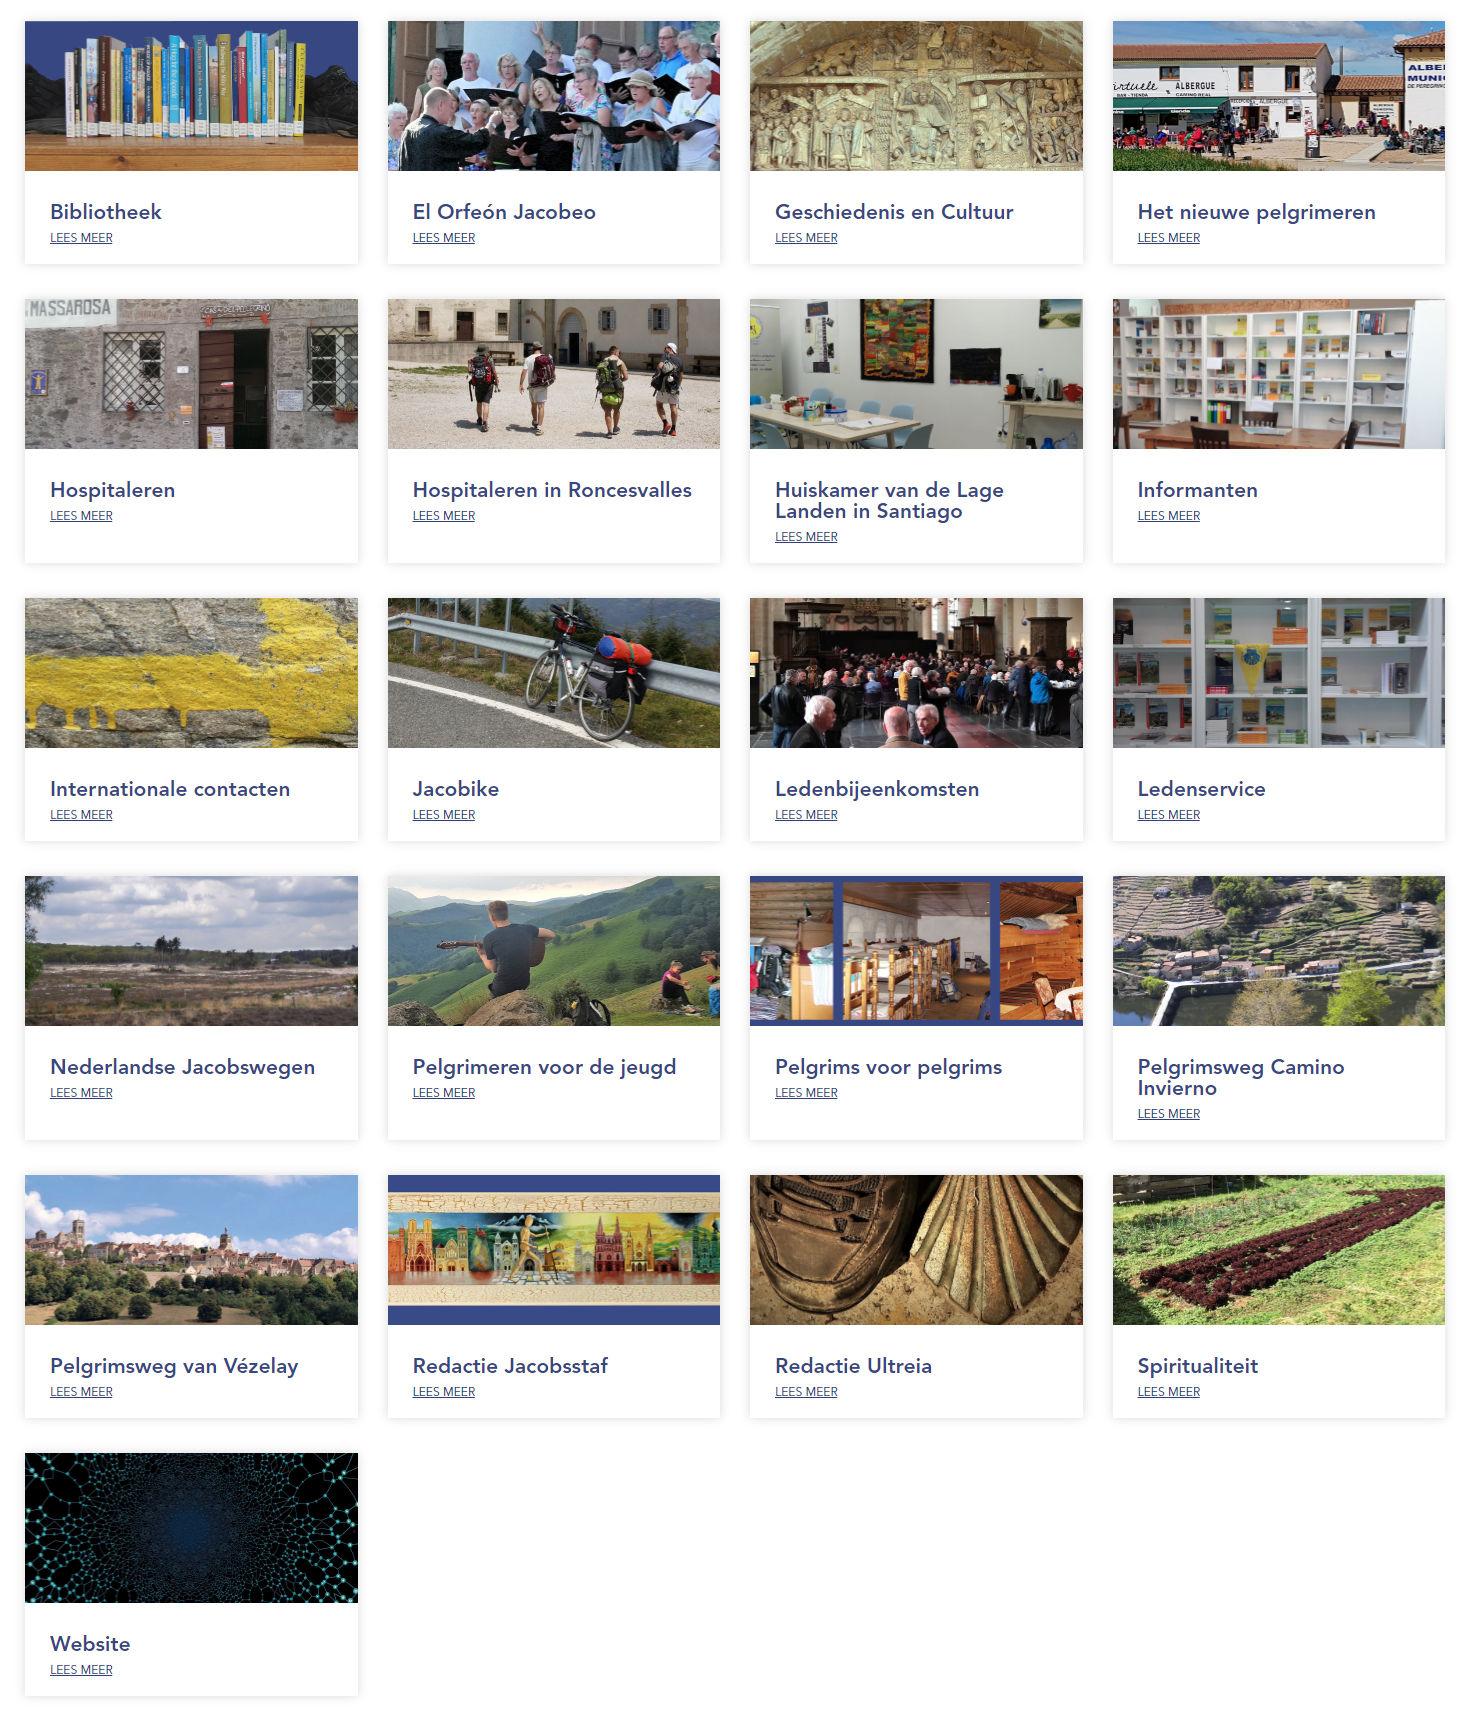 Afbeelding van de webpagina werkgroepen. Foto en onderschrift per werkgroep.